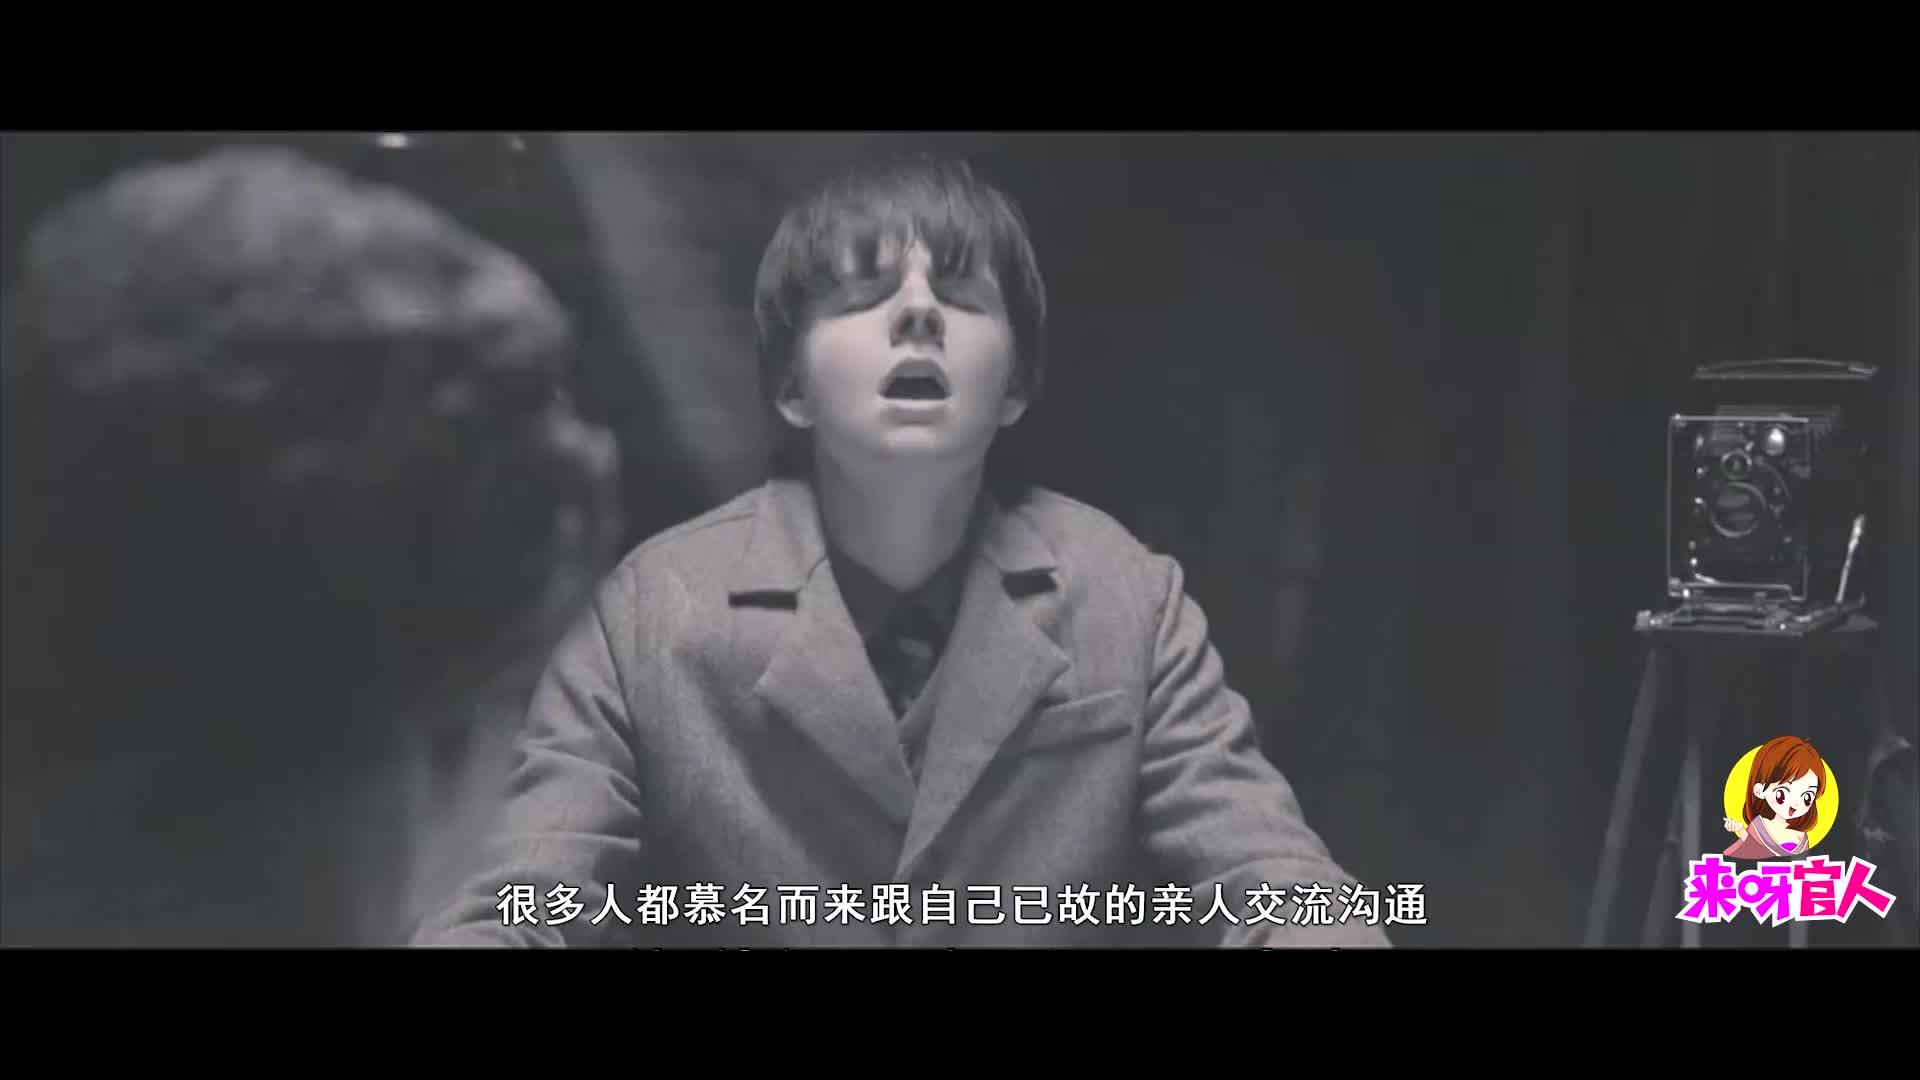 #追剧不能停#《太平间闹鬼事件》:根据真实事件改编的恐怖电影!__09